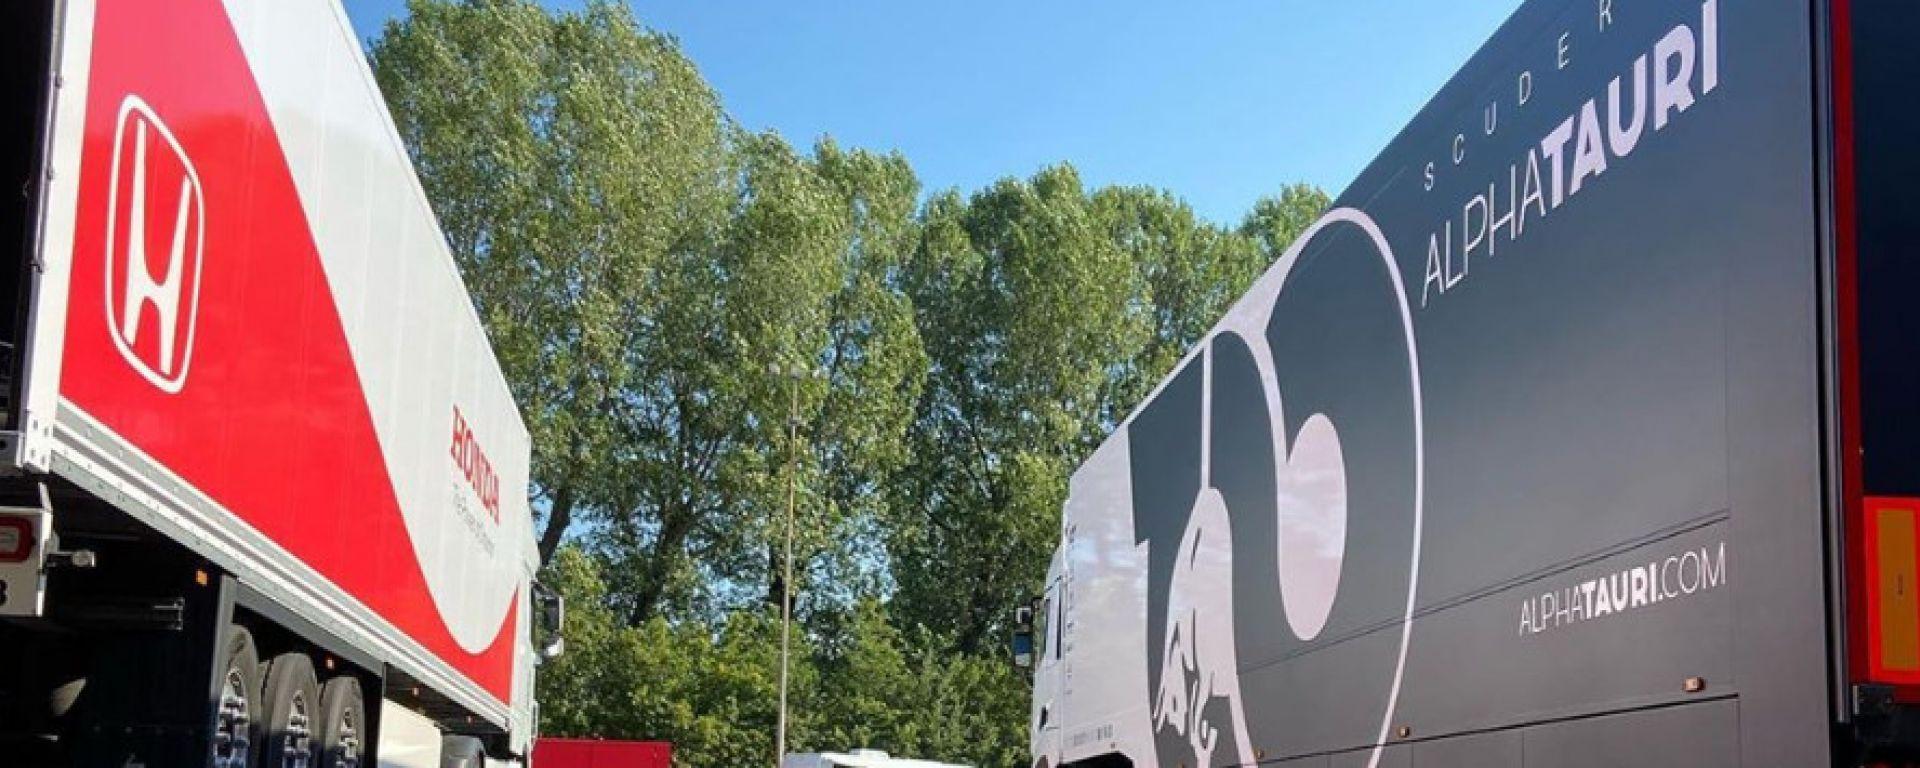 I camion di Honda e Alpha Tauri parcheggiati nel paddock dell'autodromo di Imola